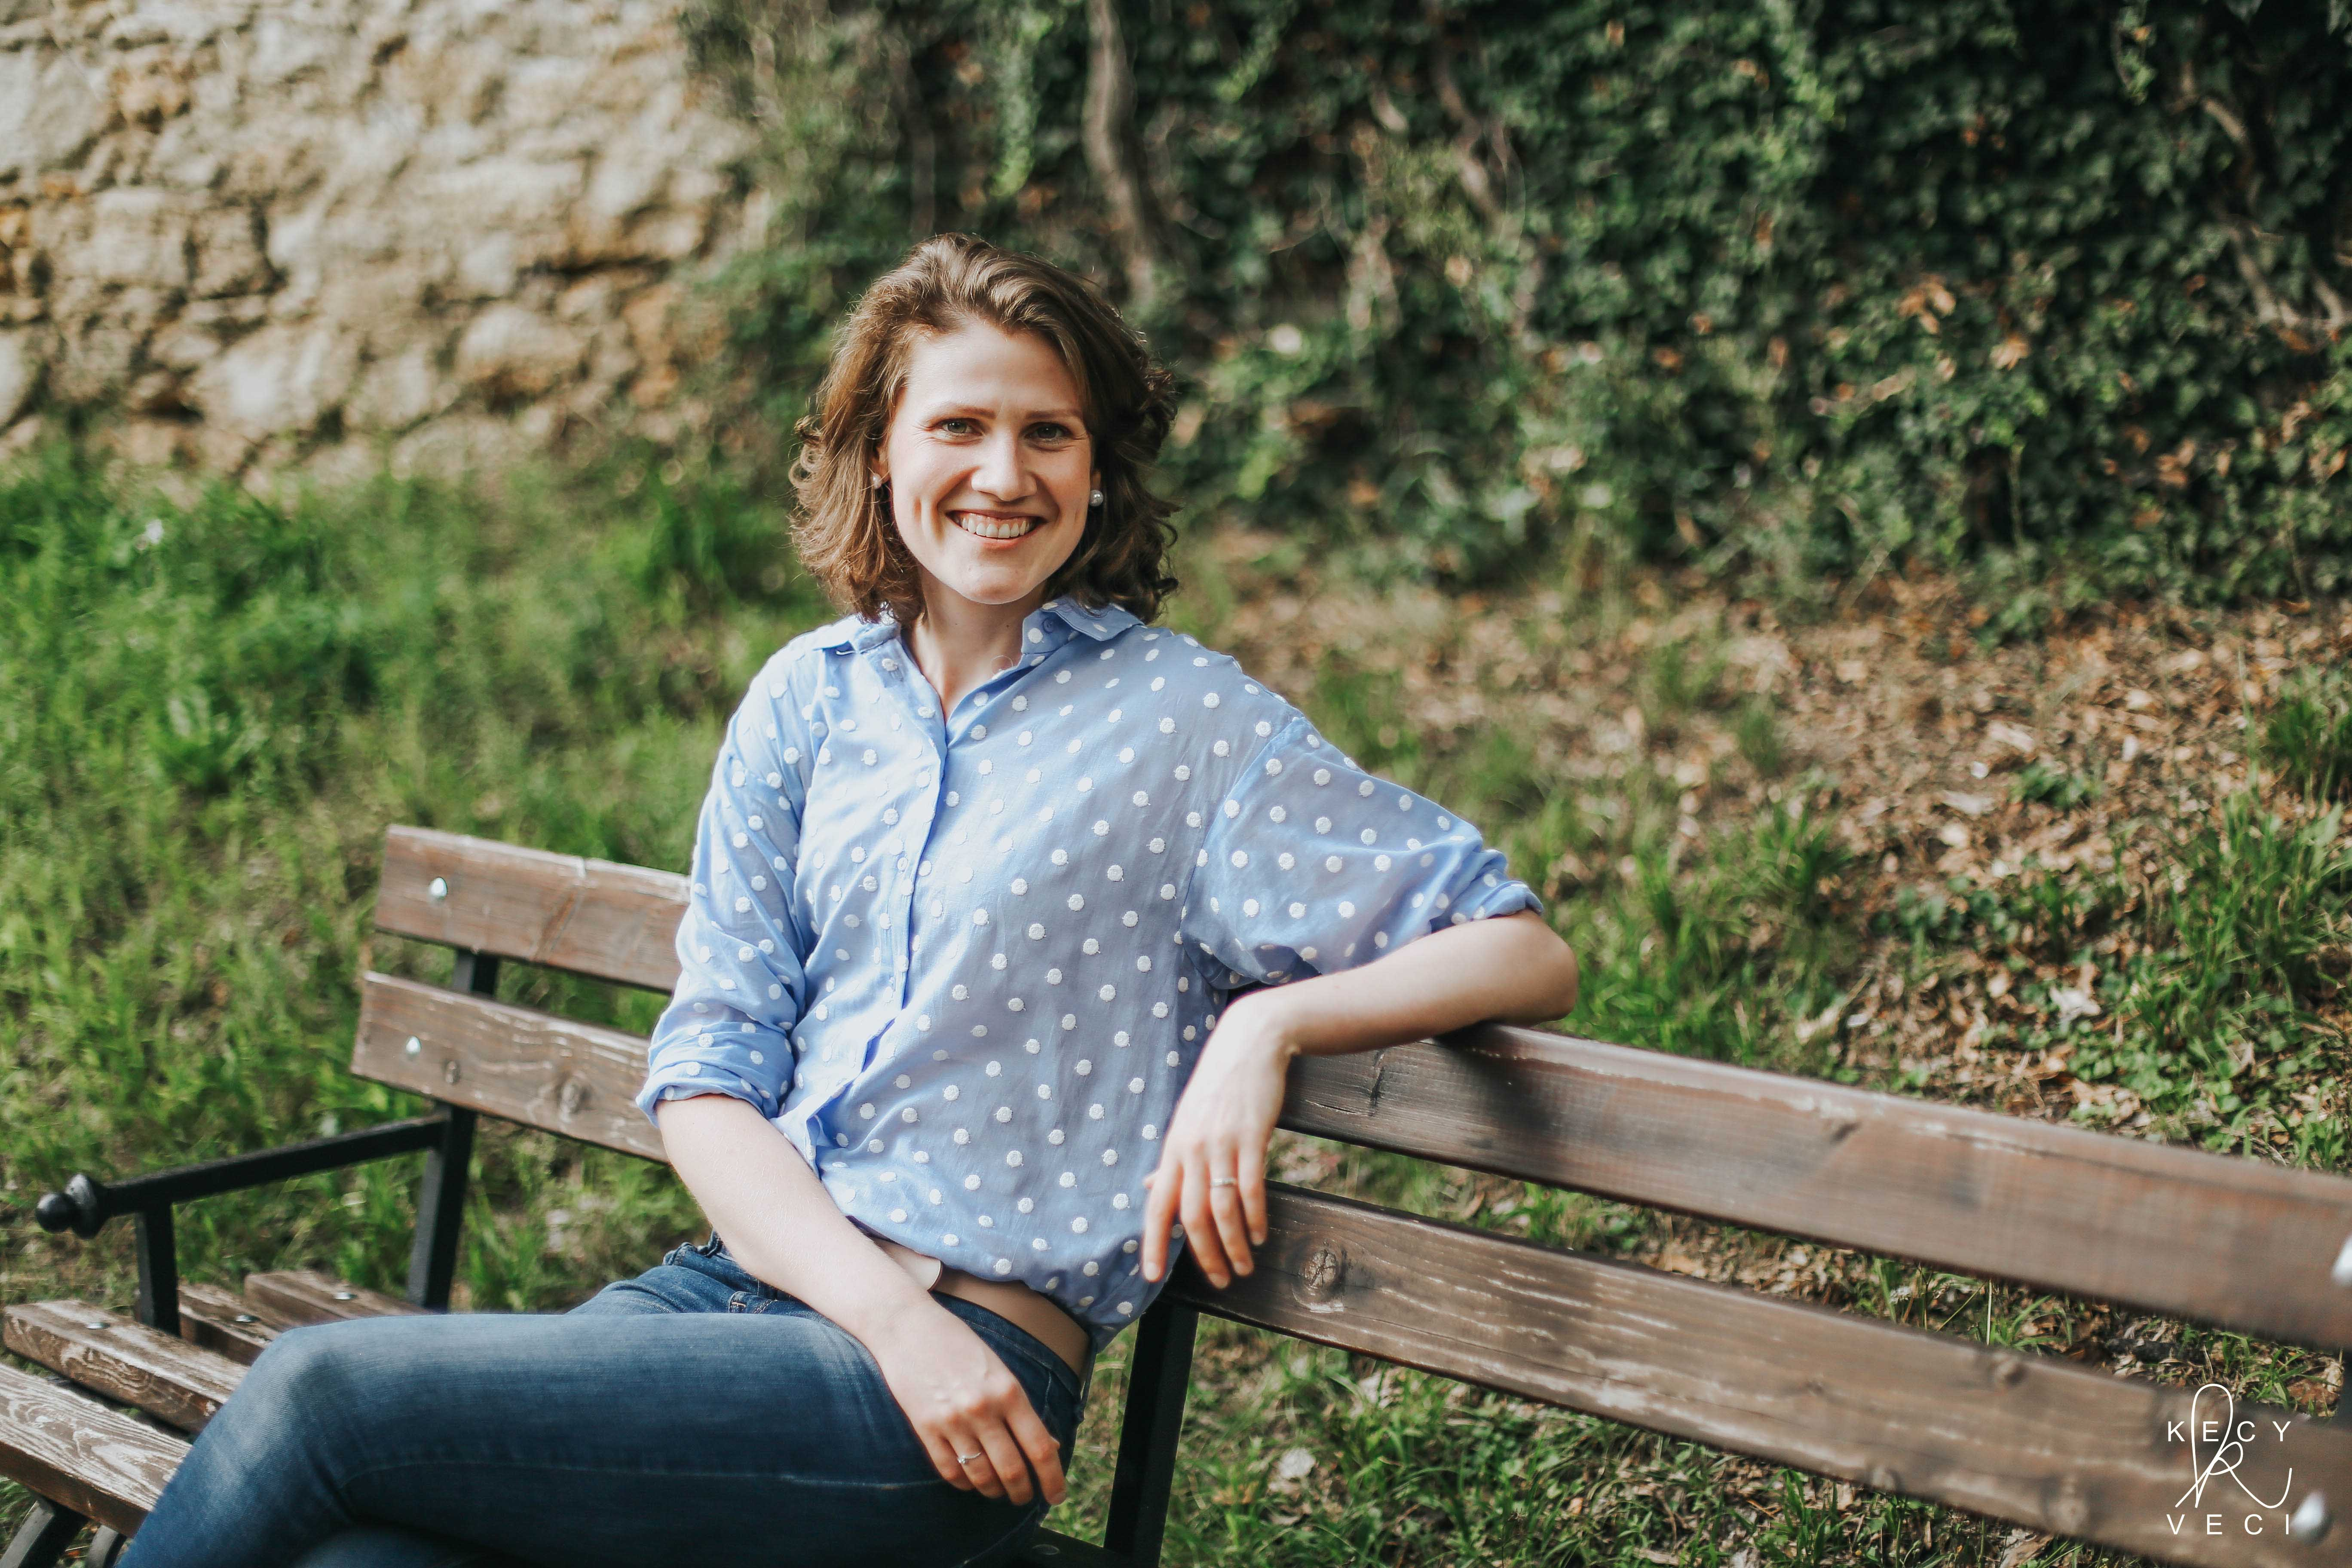 Až keď jej zišli nechty, prestala pracovať. Blogerka Erika Mokrý.